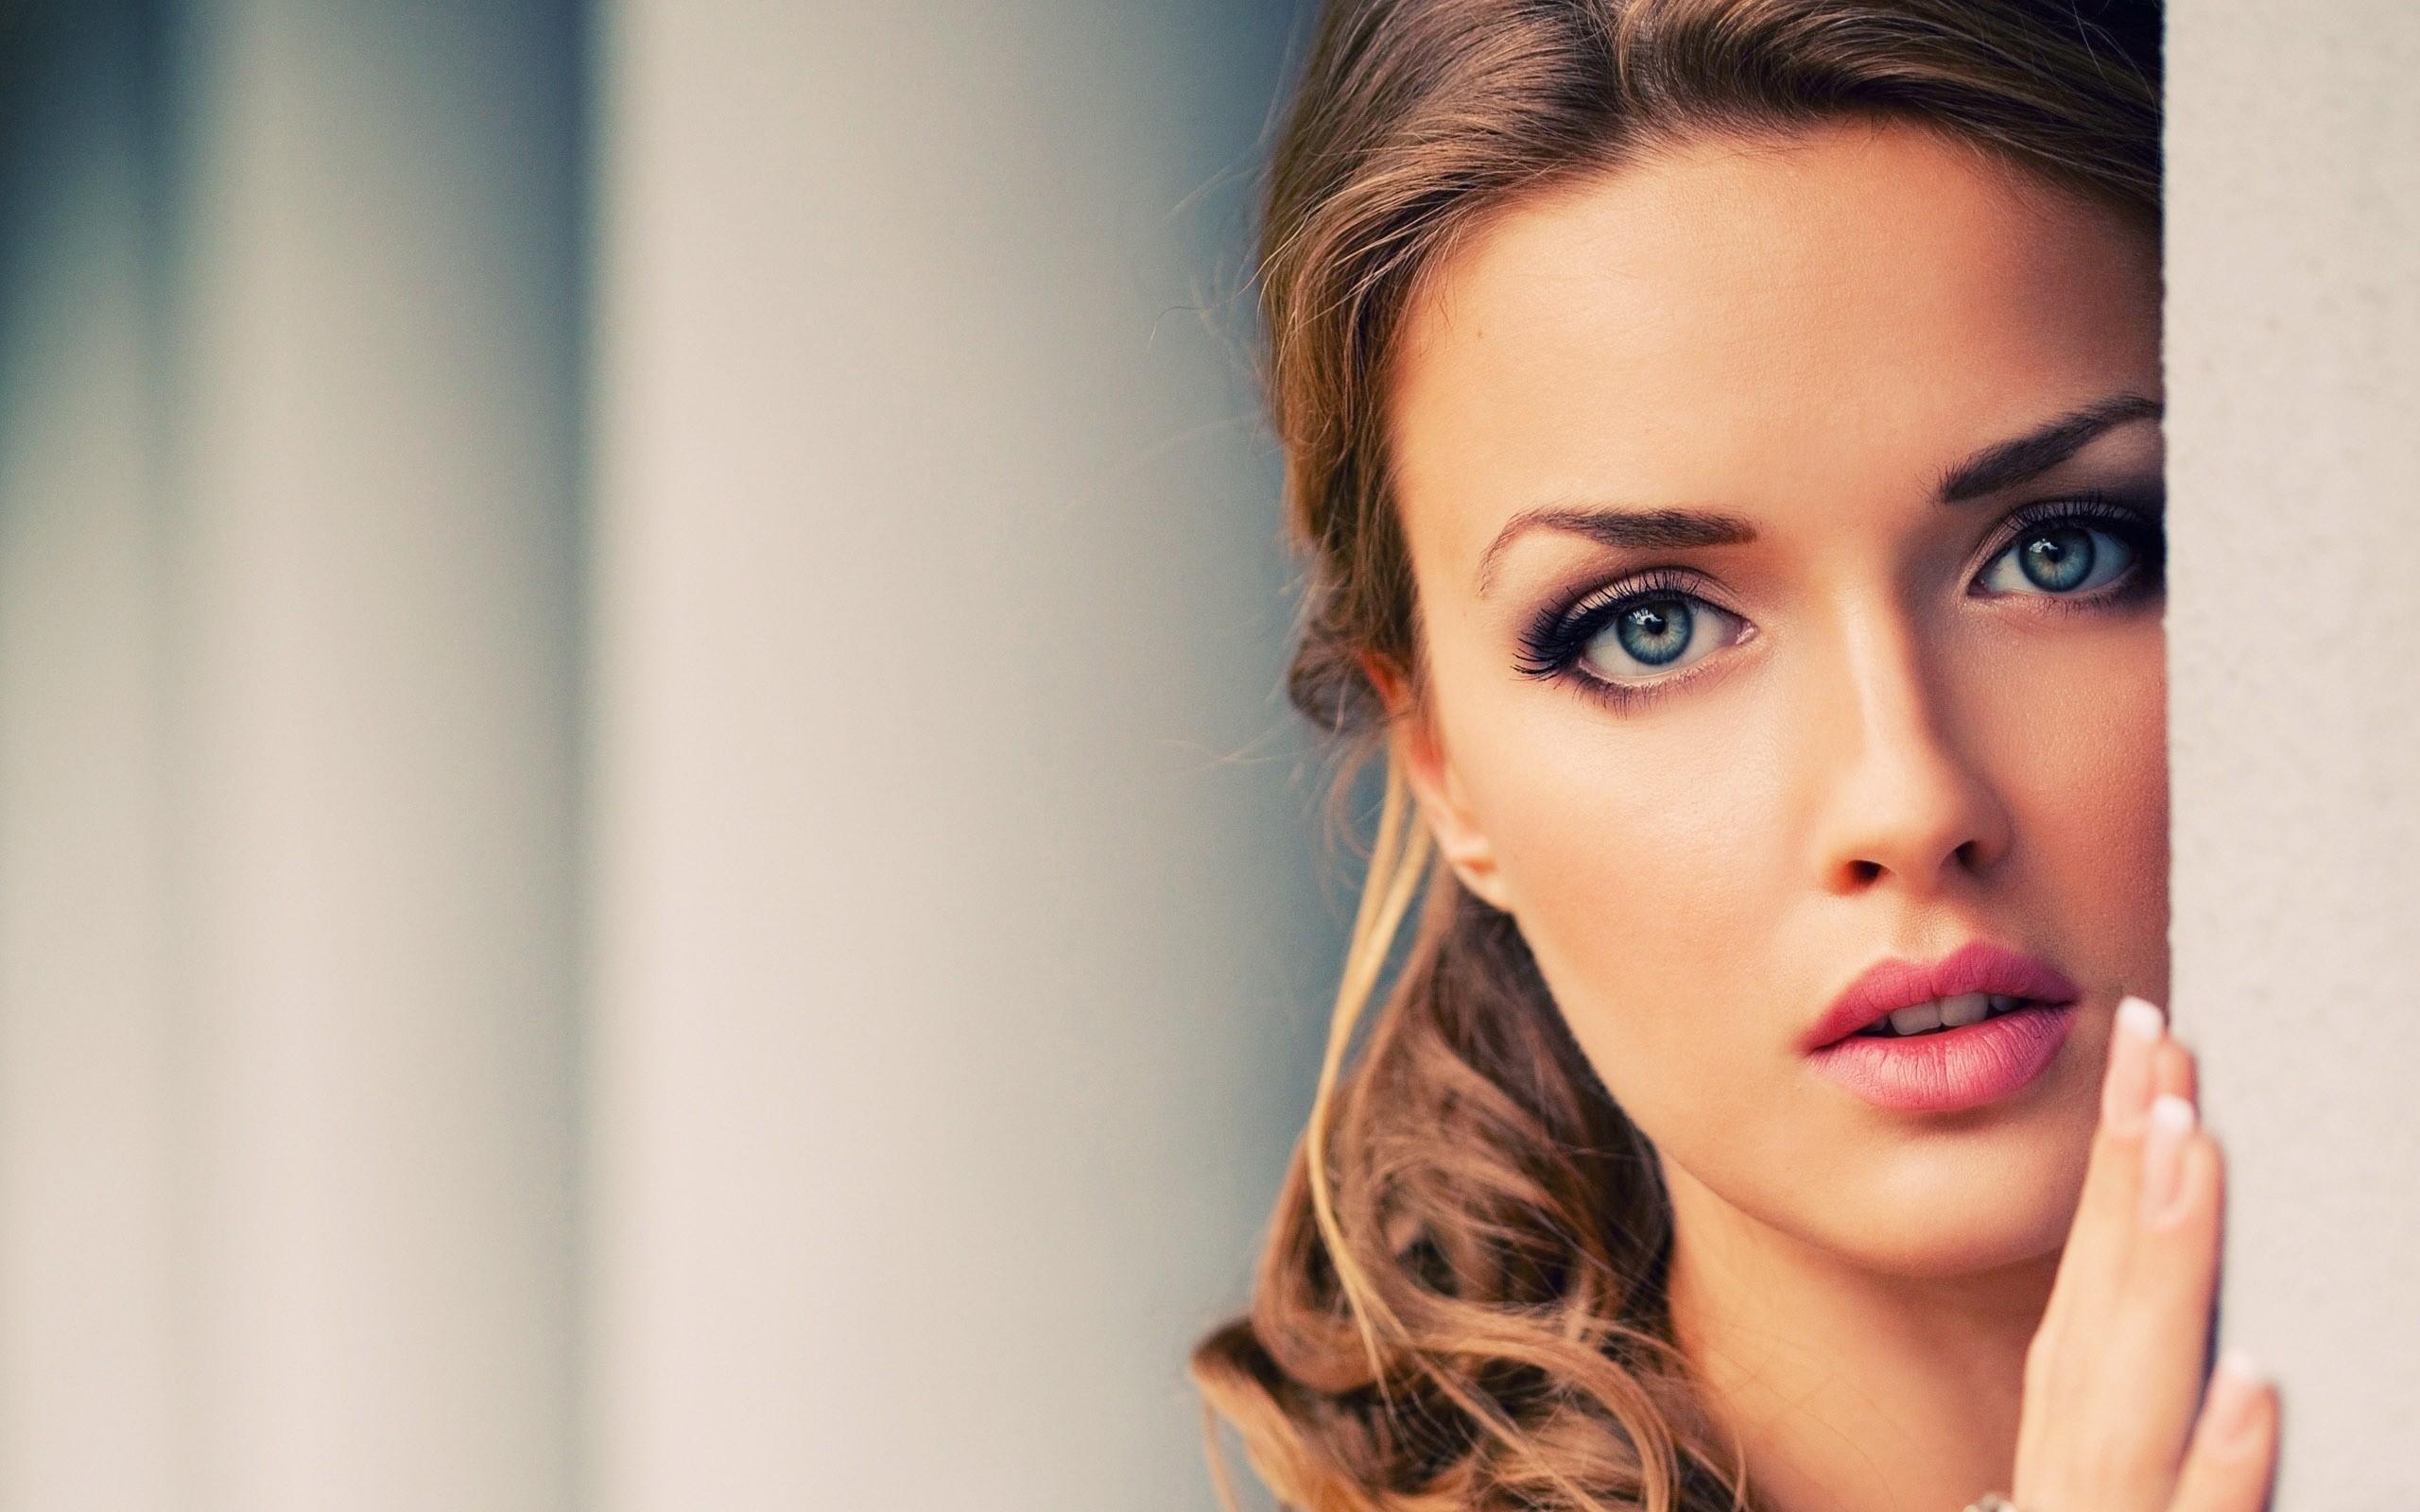 Светловолосая девушка с голубыми глазами